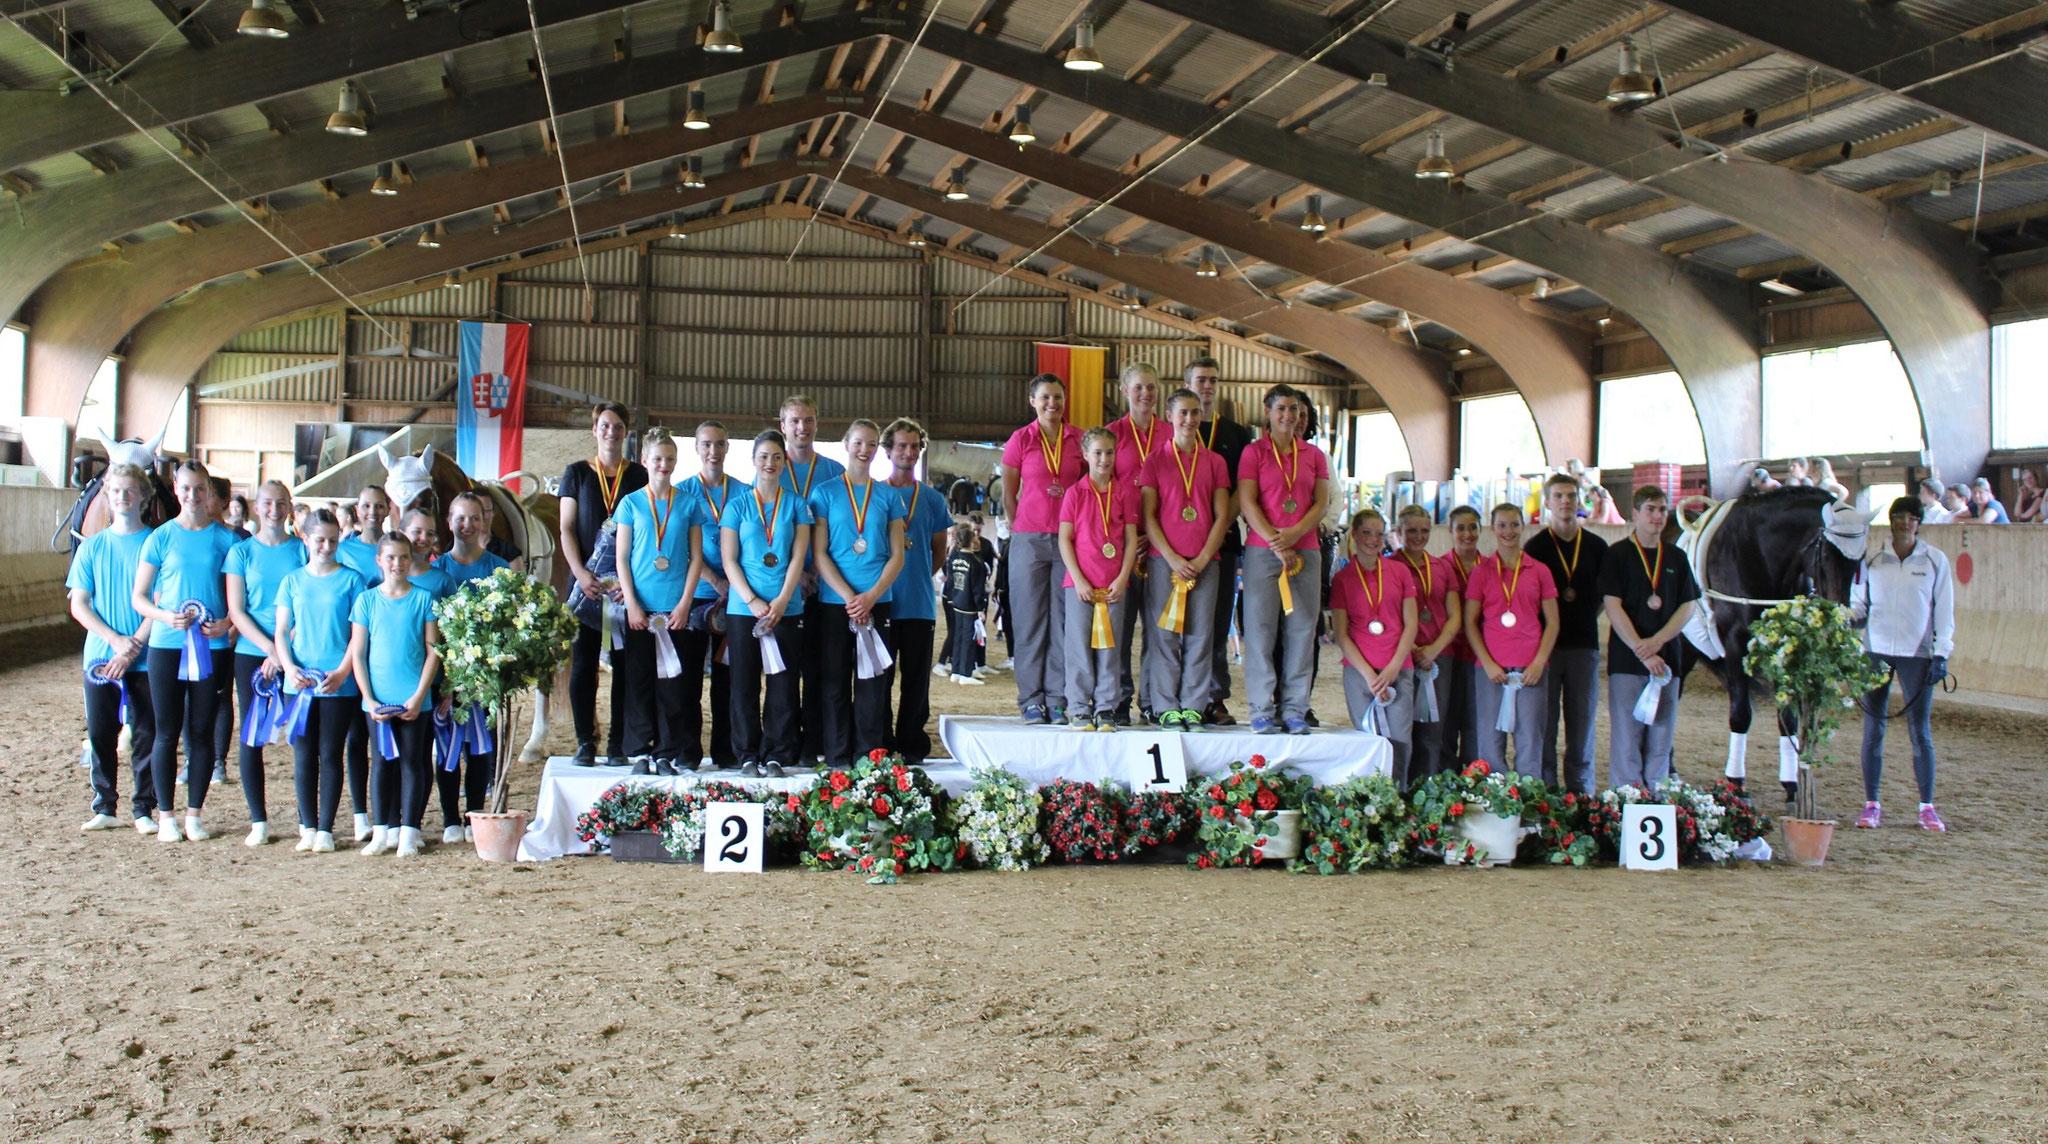 Schwäbsiche Meister Senior-Teams: 1. VRC Weicht 1, 2. Memmingen 1, 3. VRC Weicht 2